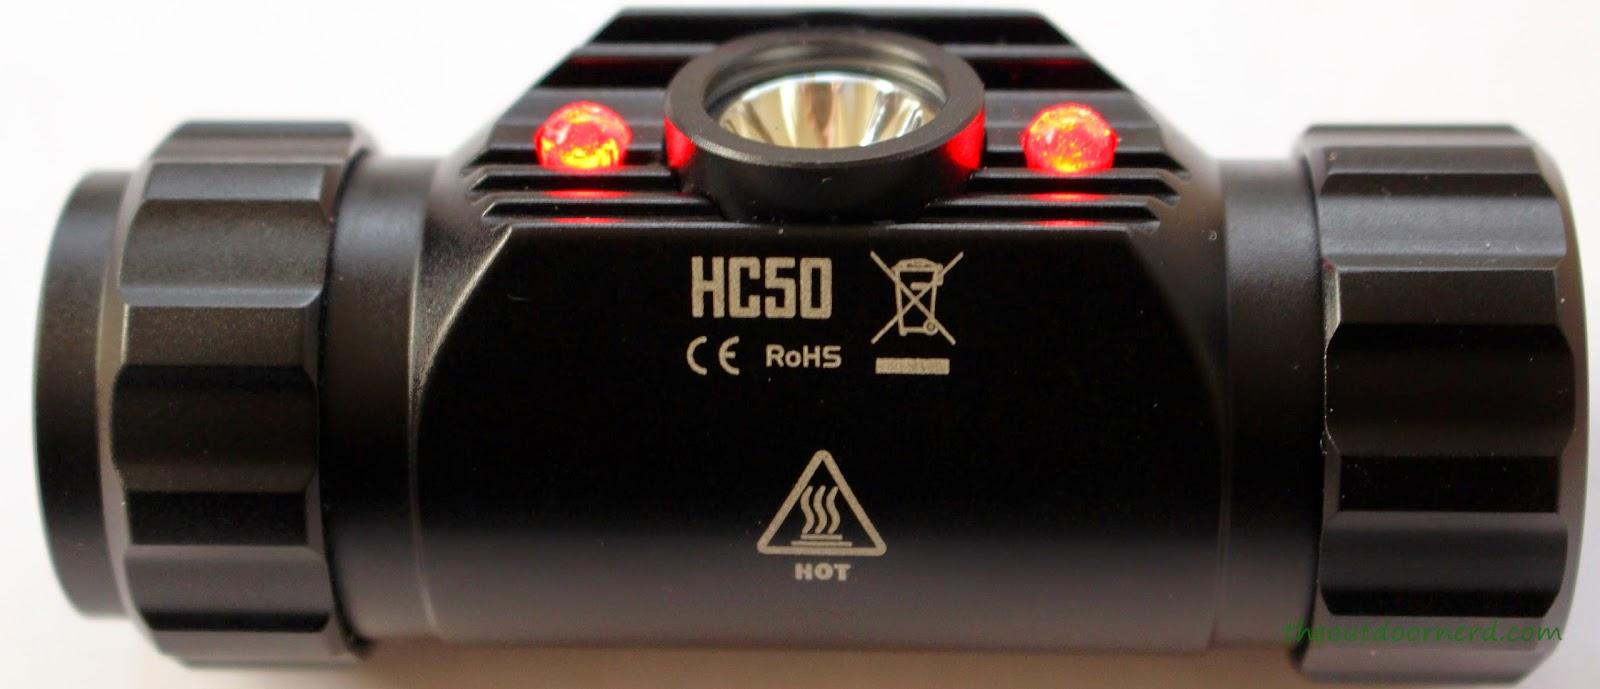 Nitecore HC50 Headlamp View 2